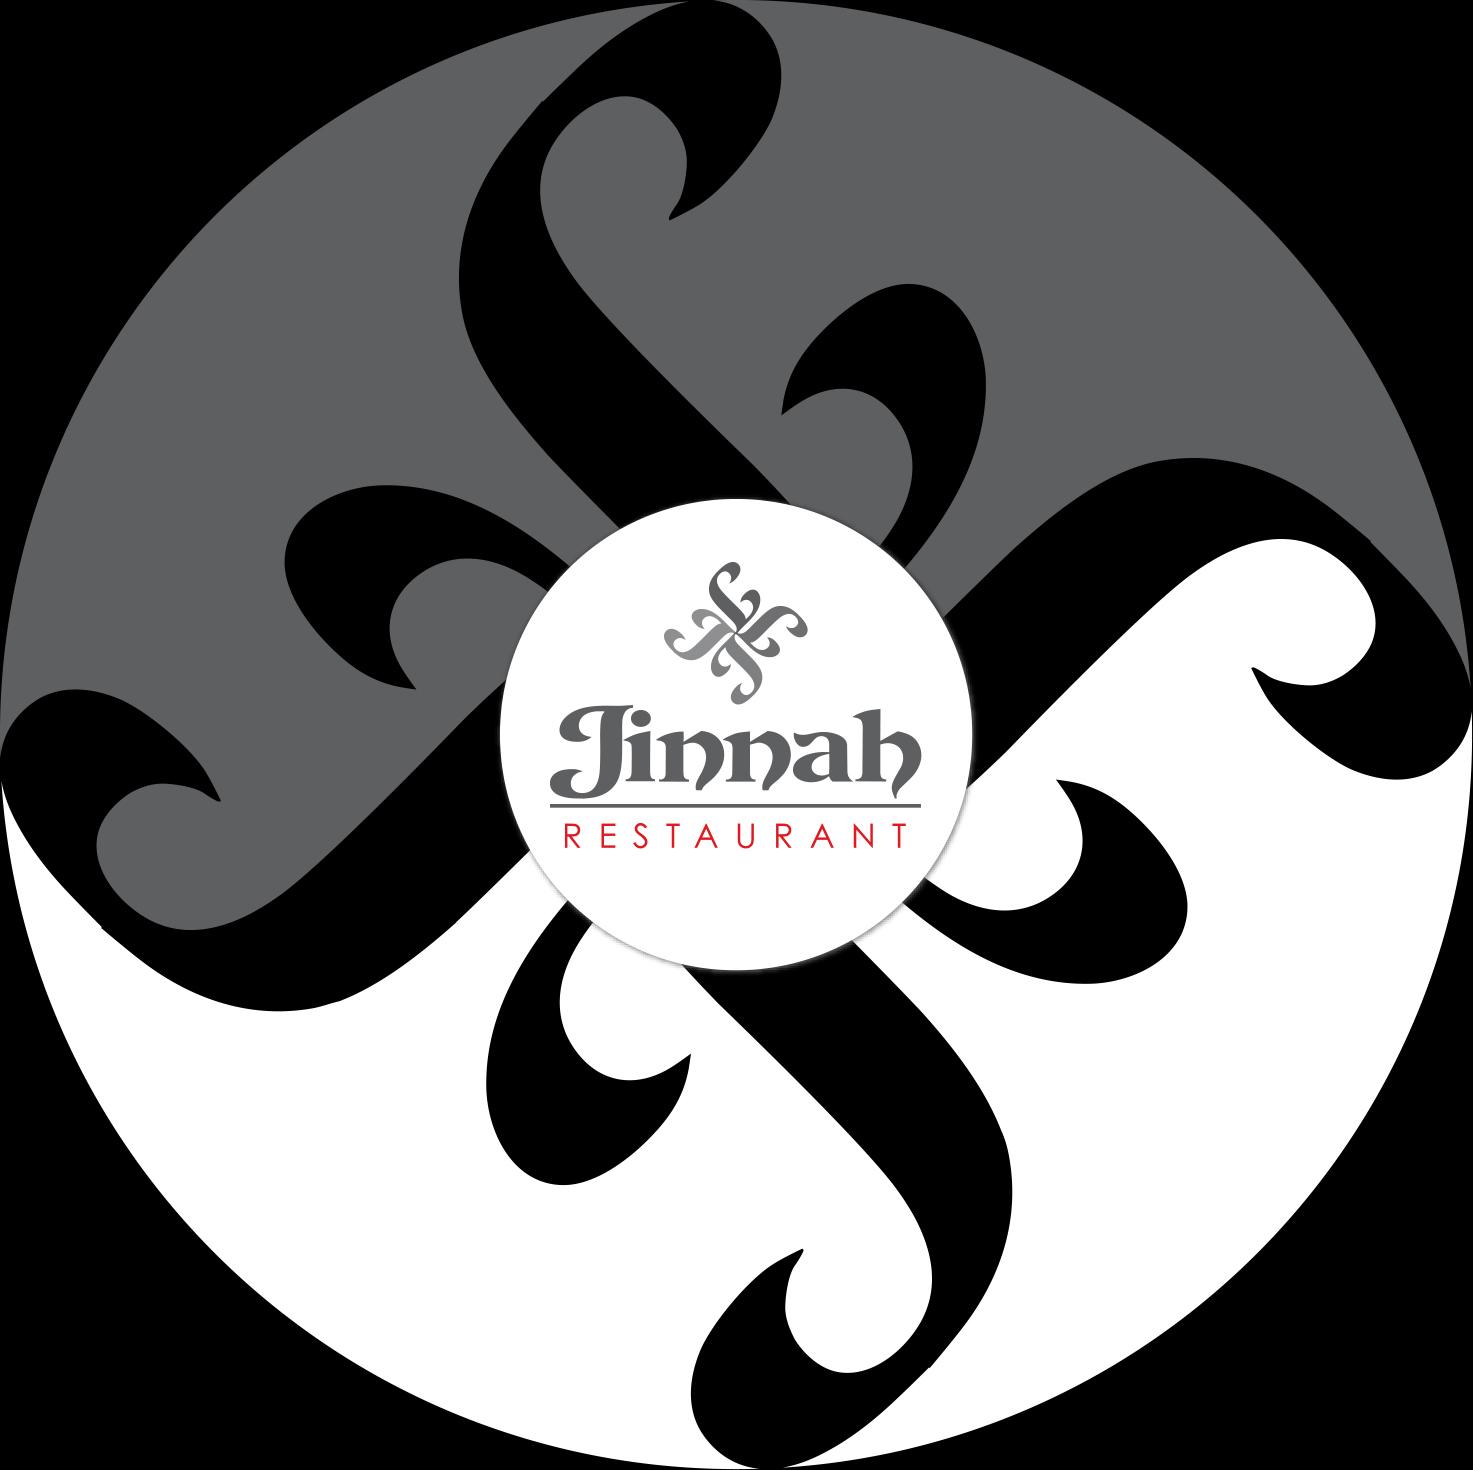 Jinnah Restaurants Logo (spiral)